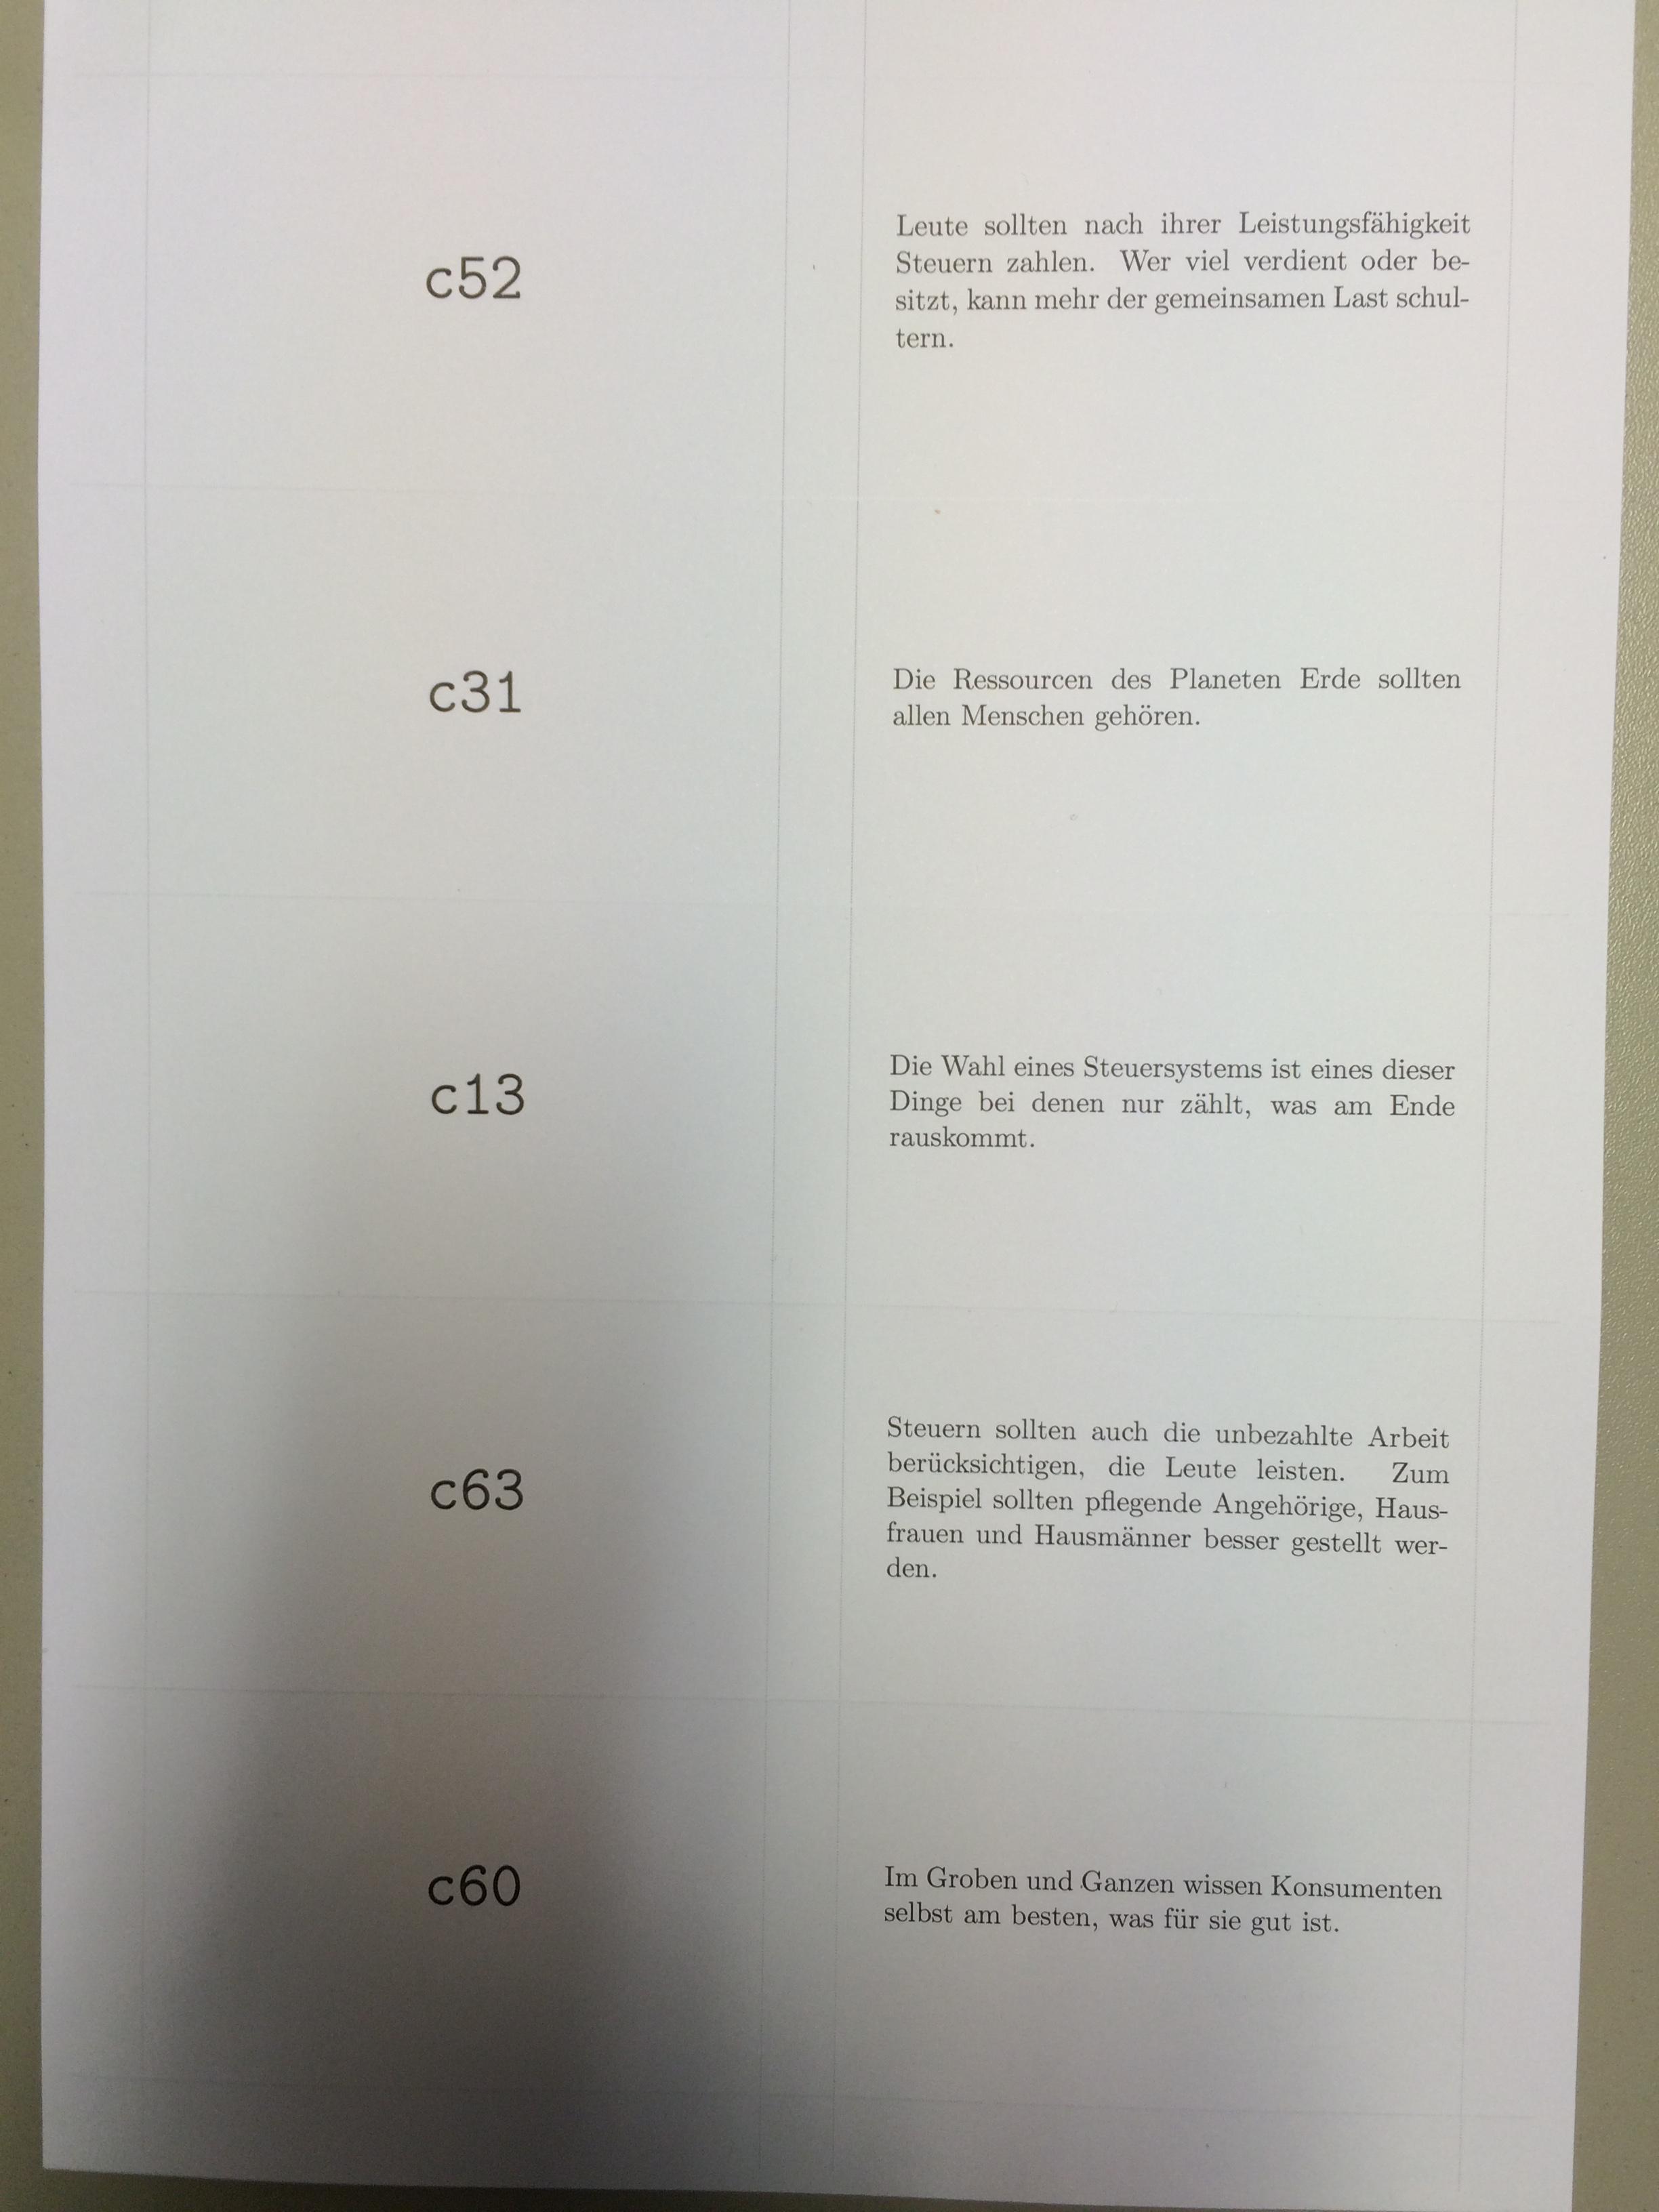 q card printout